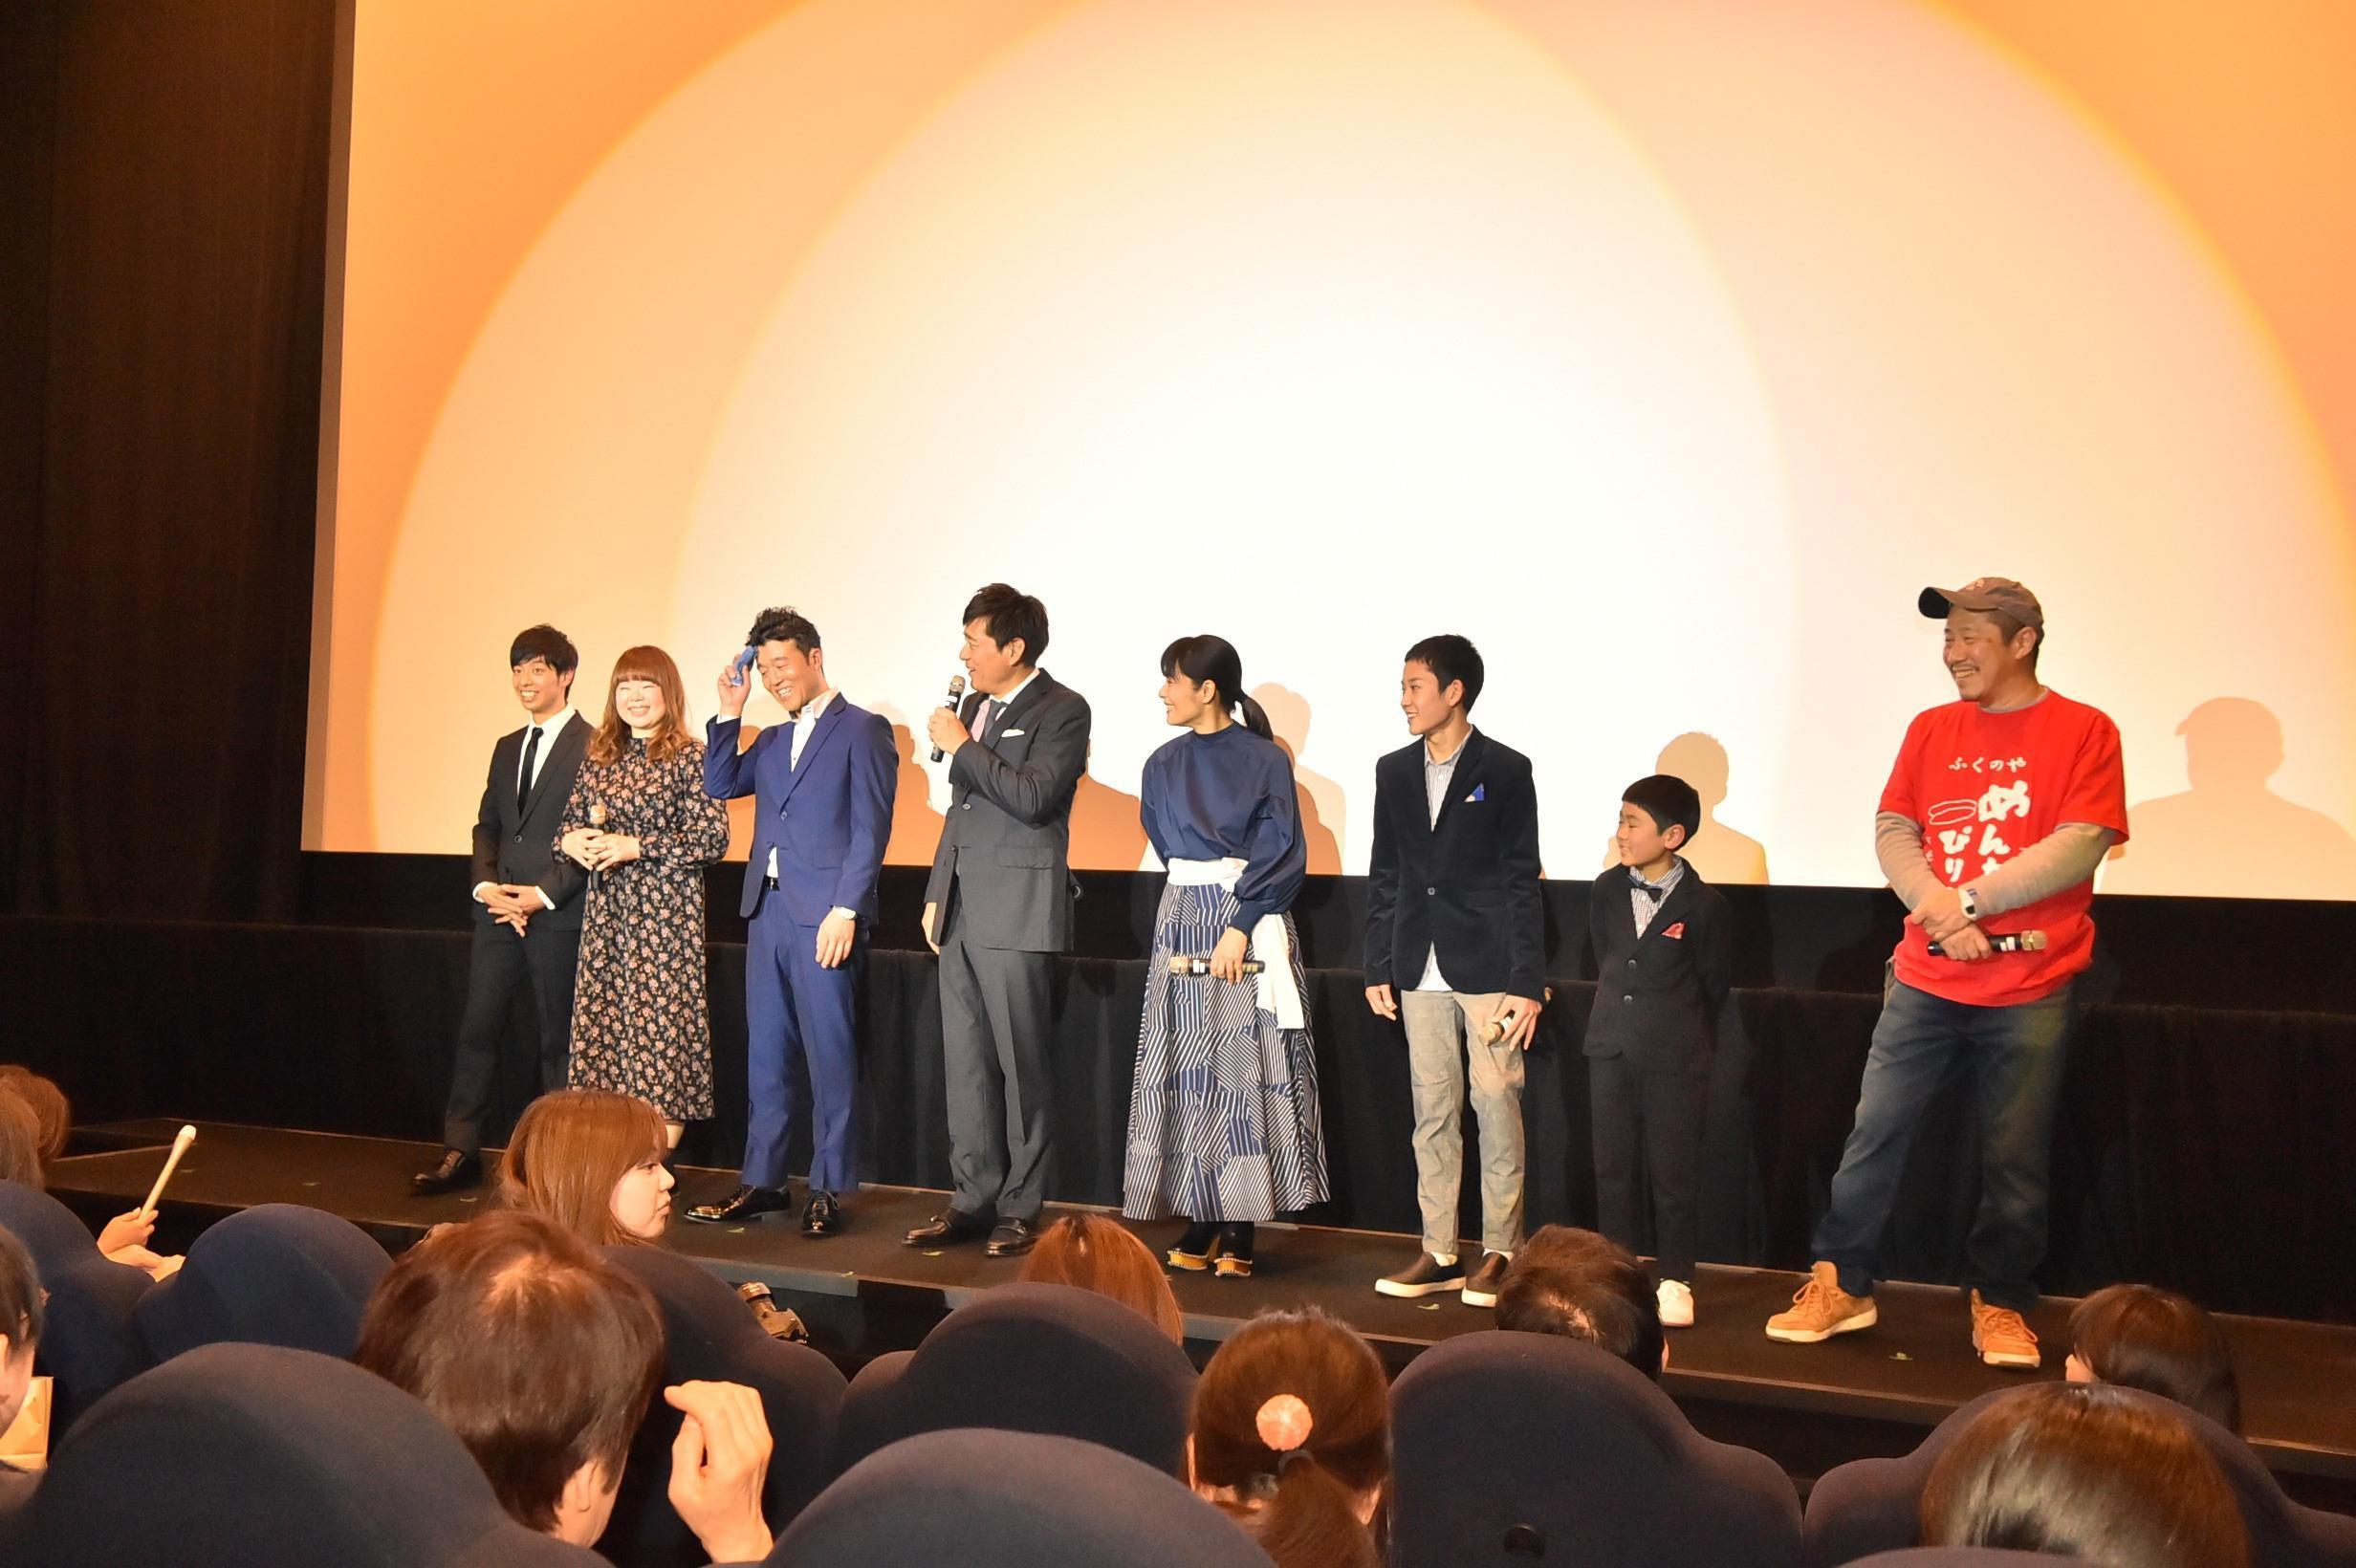 http://news.yoshimoto.co.jp/20190115125551-d27a3a09596e9bdb8a9709c8e3bbc883d0a0a696.jpg